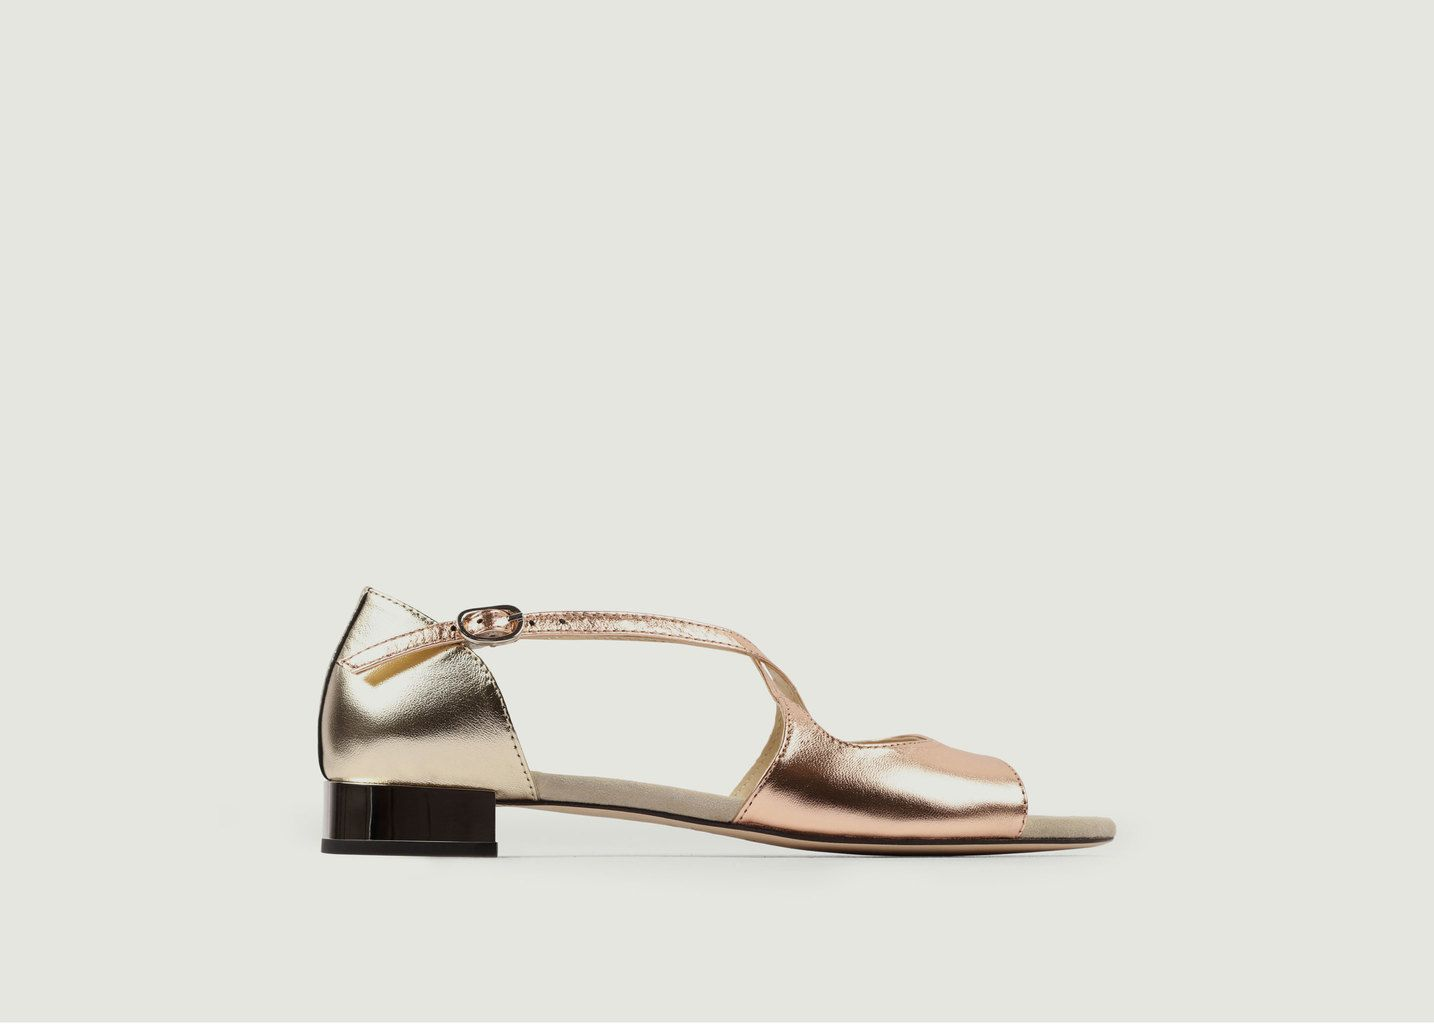 Sandales Neo - Repetto